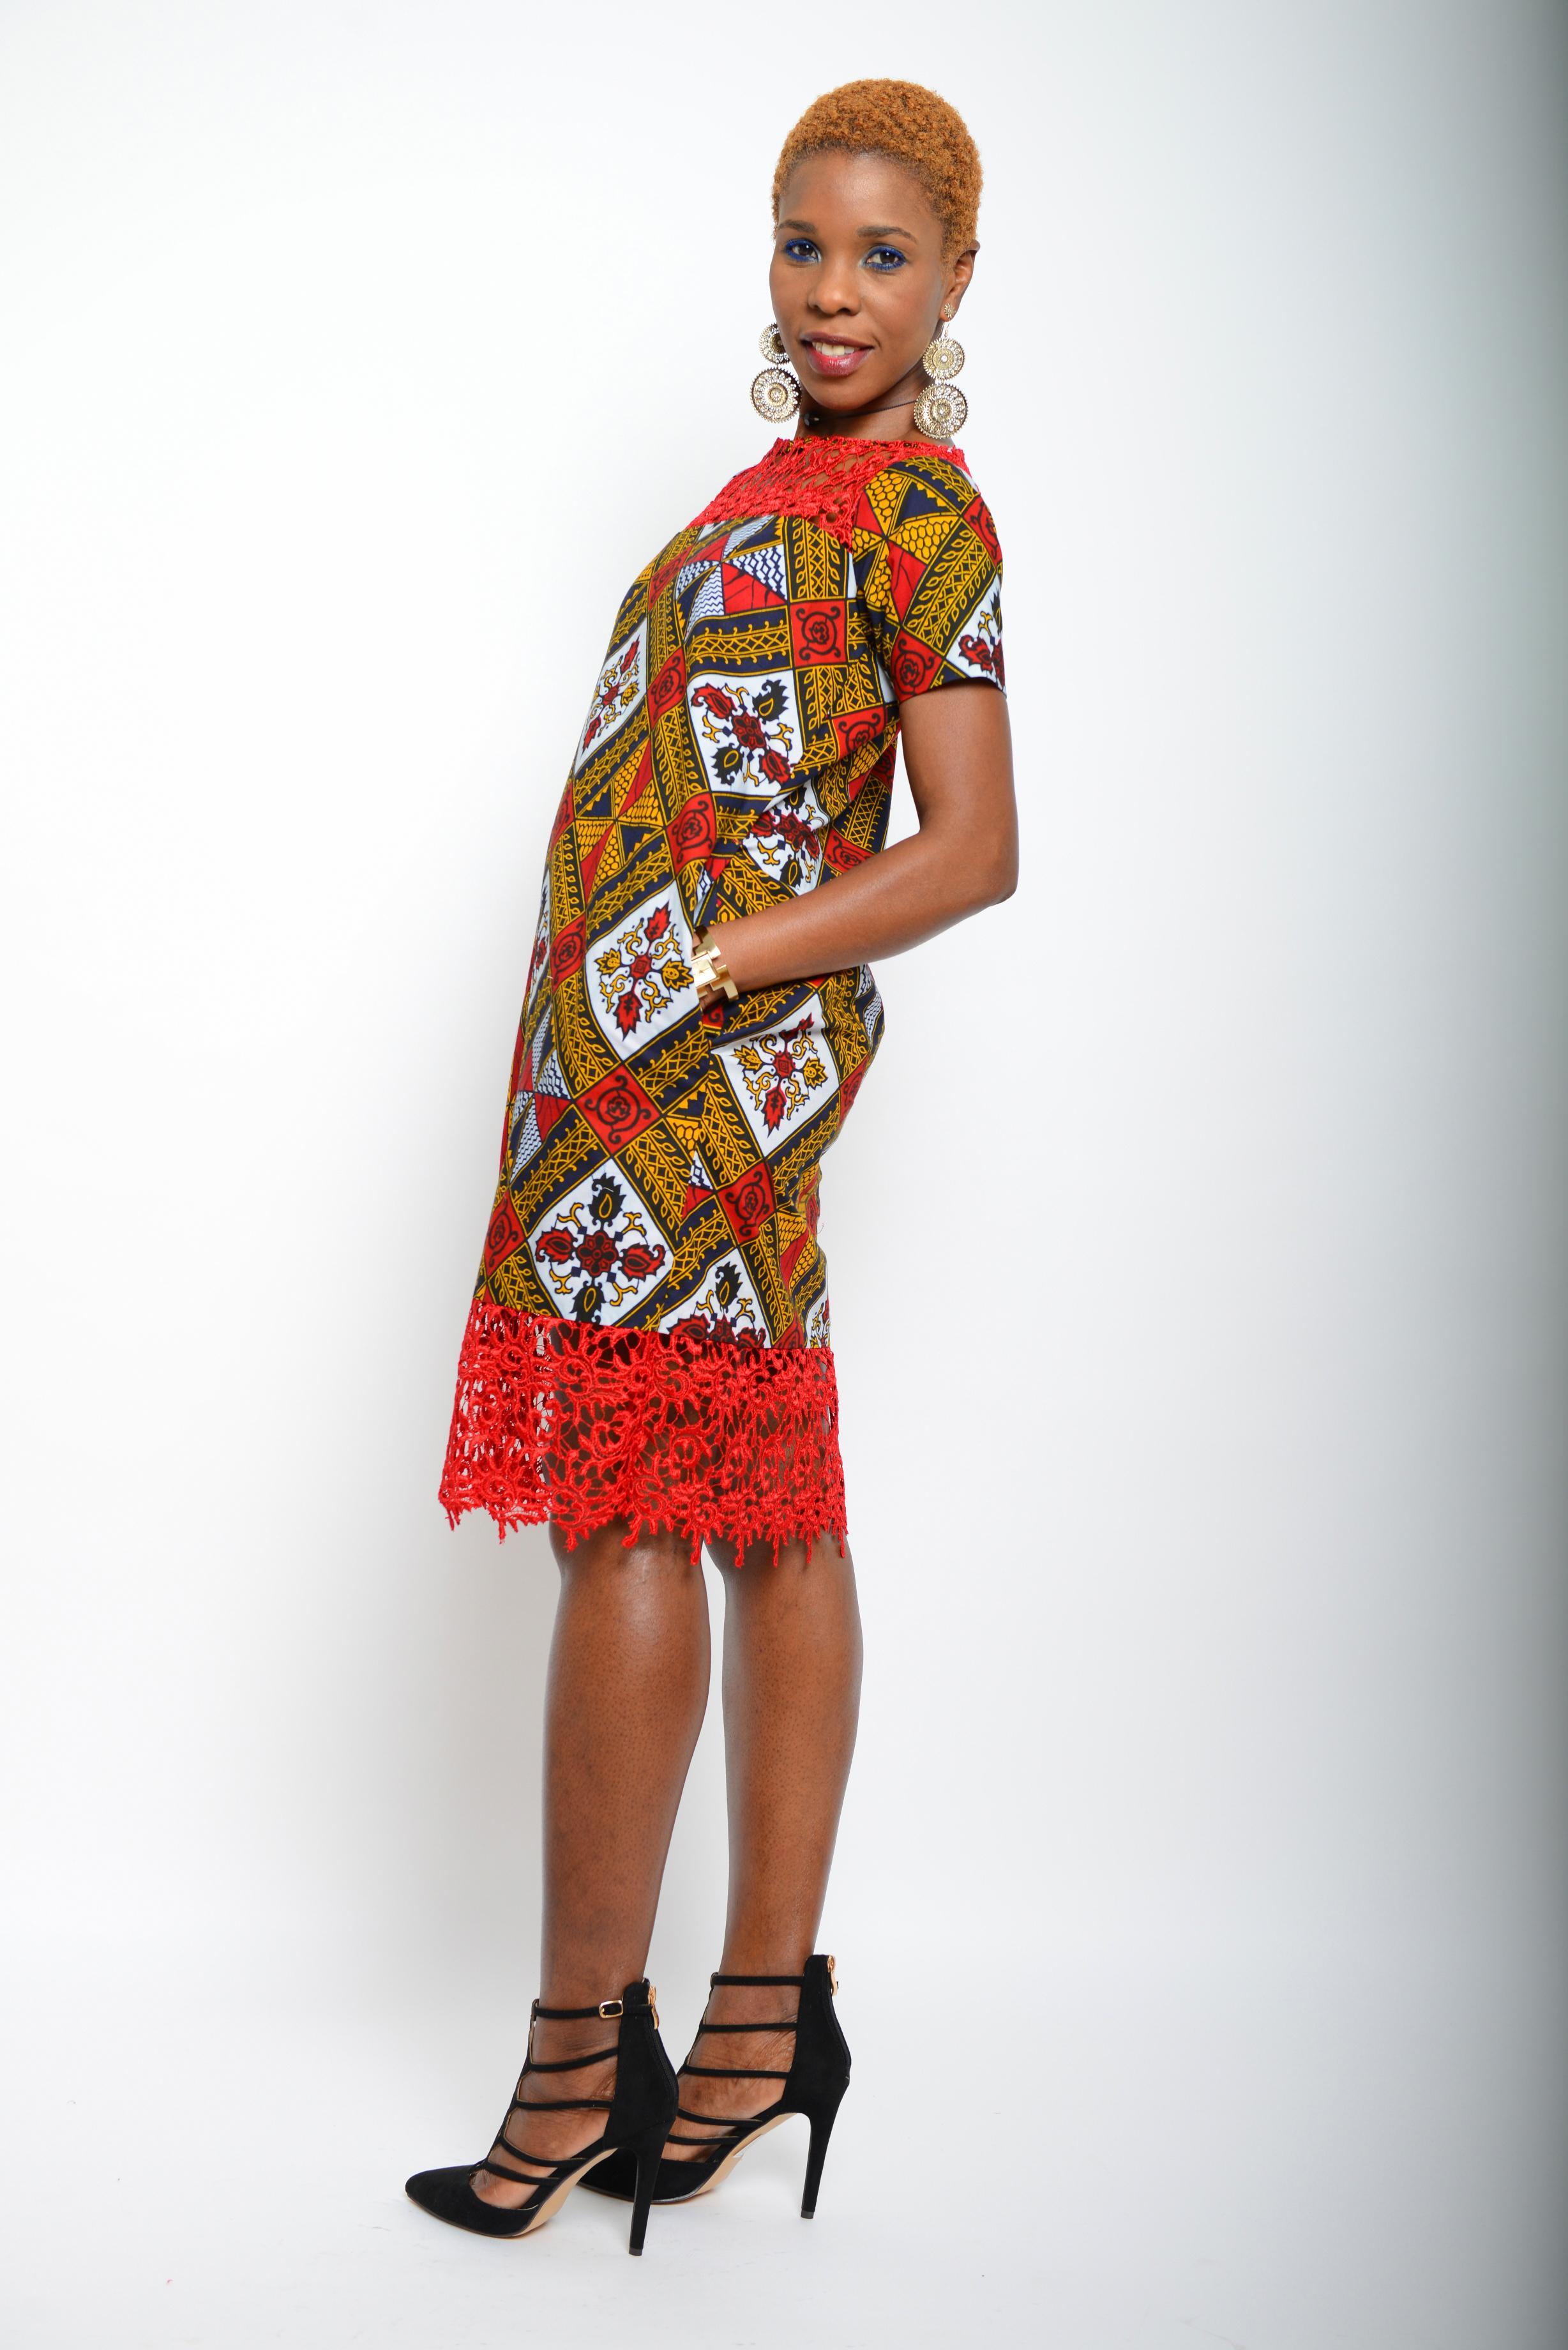 Afrikanische Mode - Kleider | Euge-W Styliste Modeliste